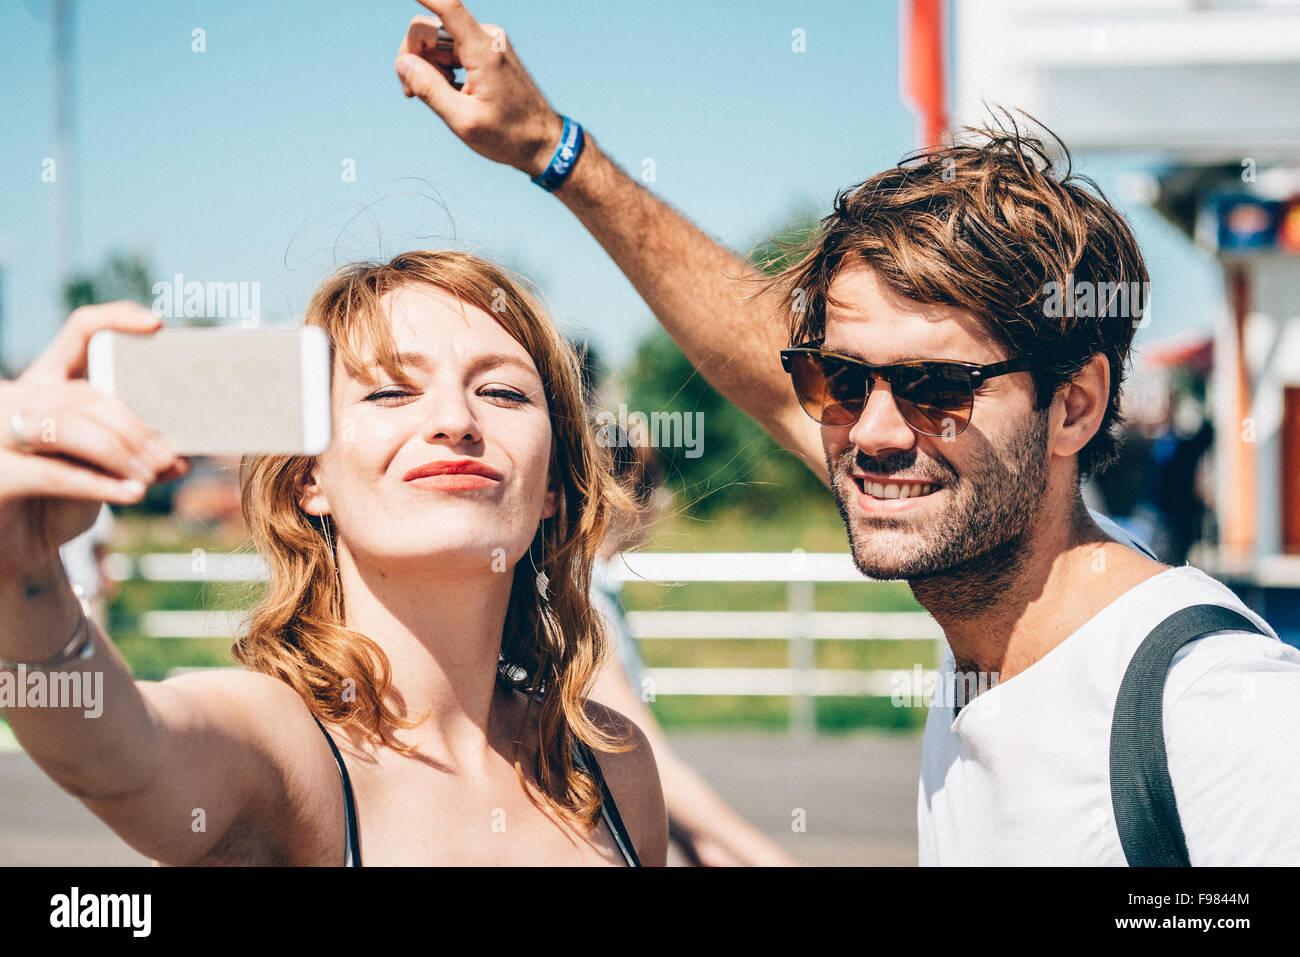 Happy amici facendo clic Selfie su Smart Phone permanente, mentre all'aperto Immagini Stock